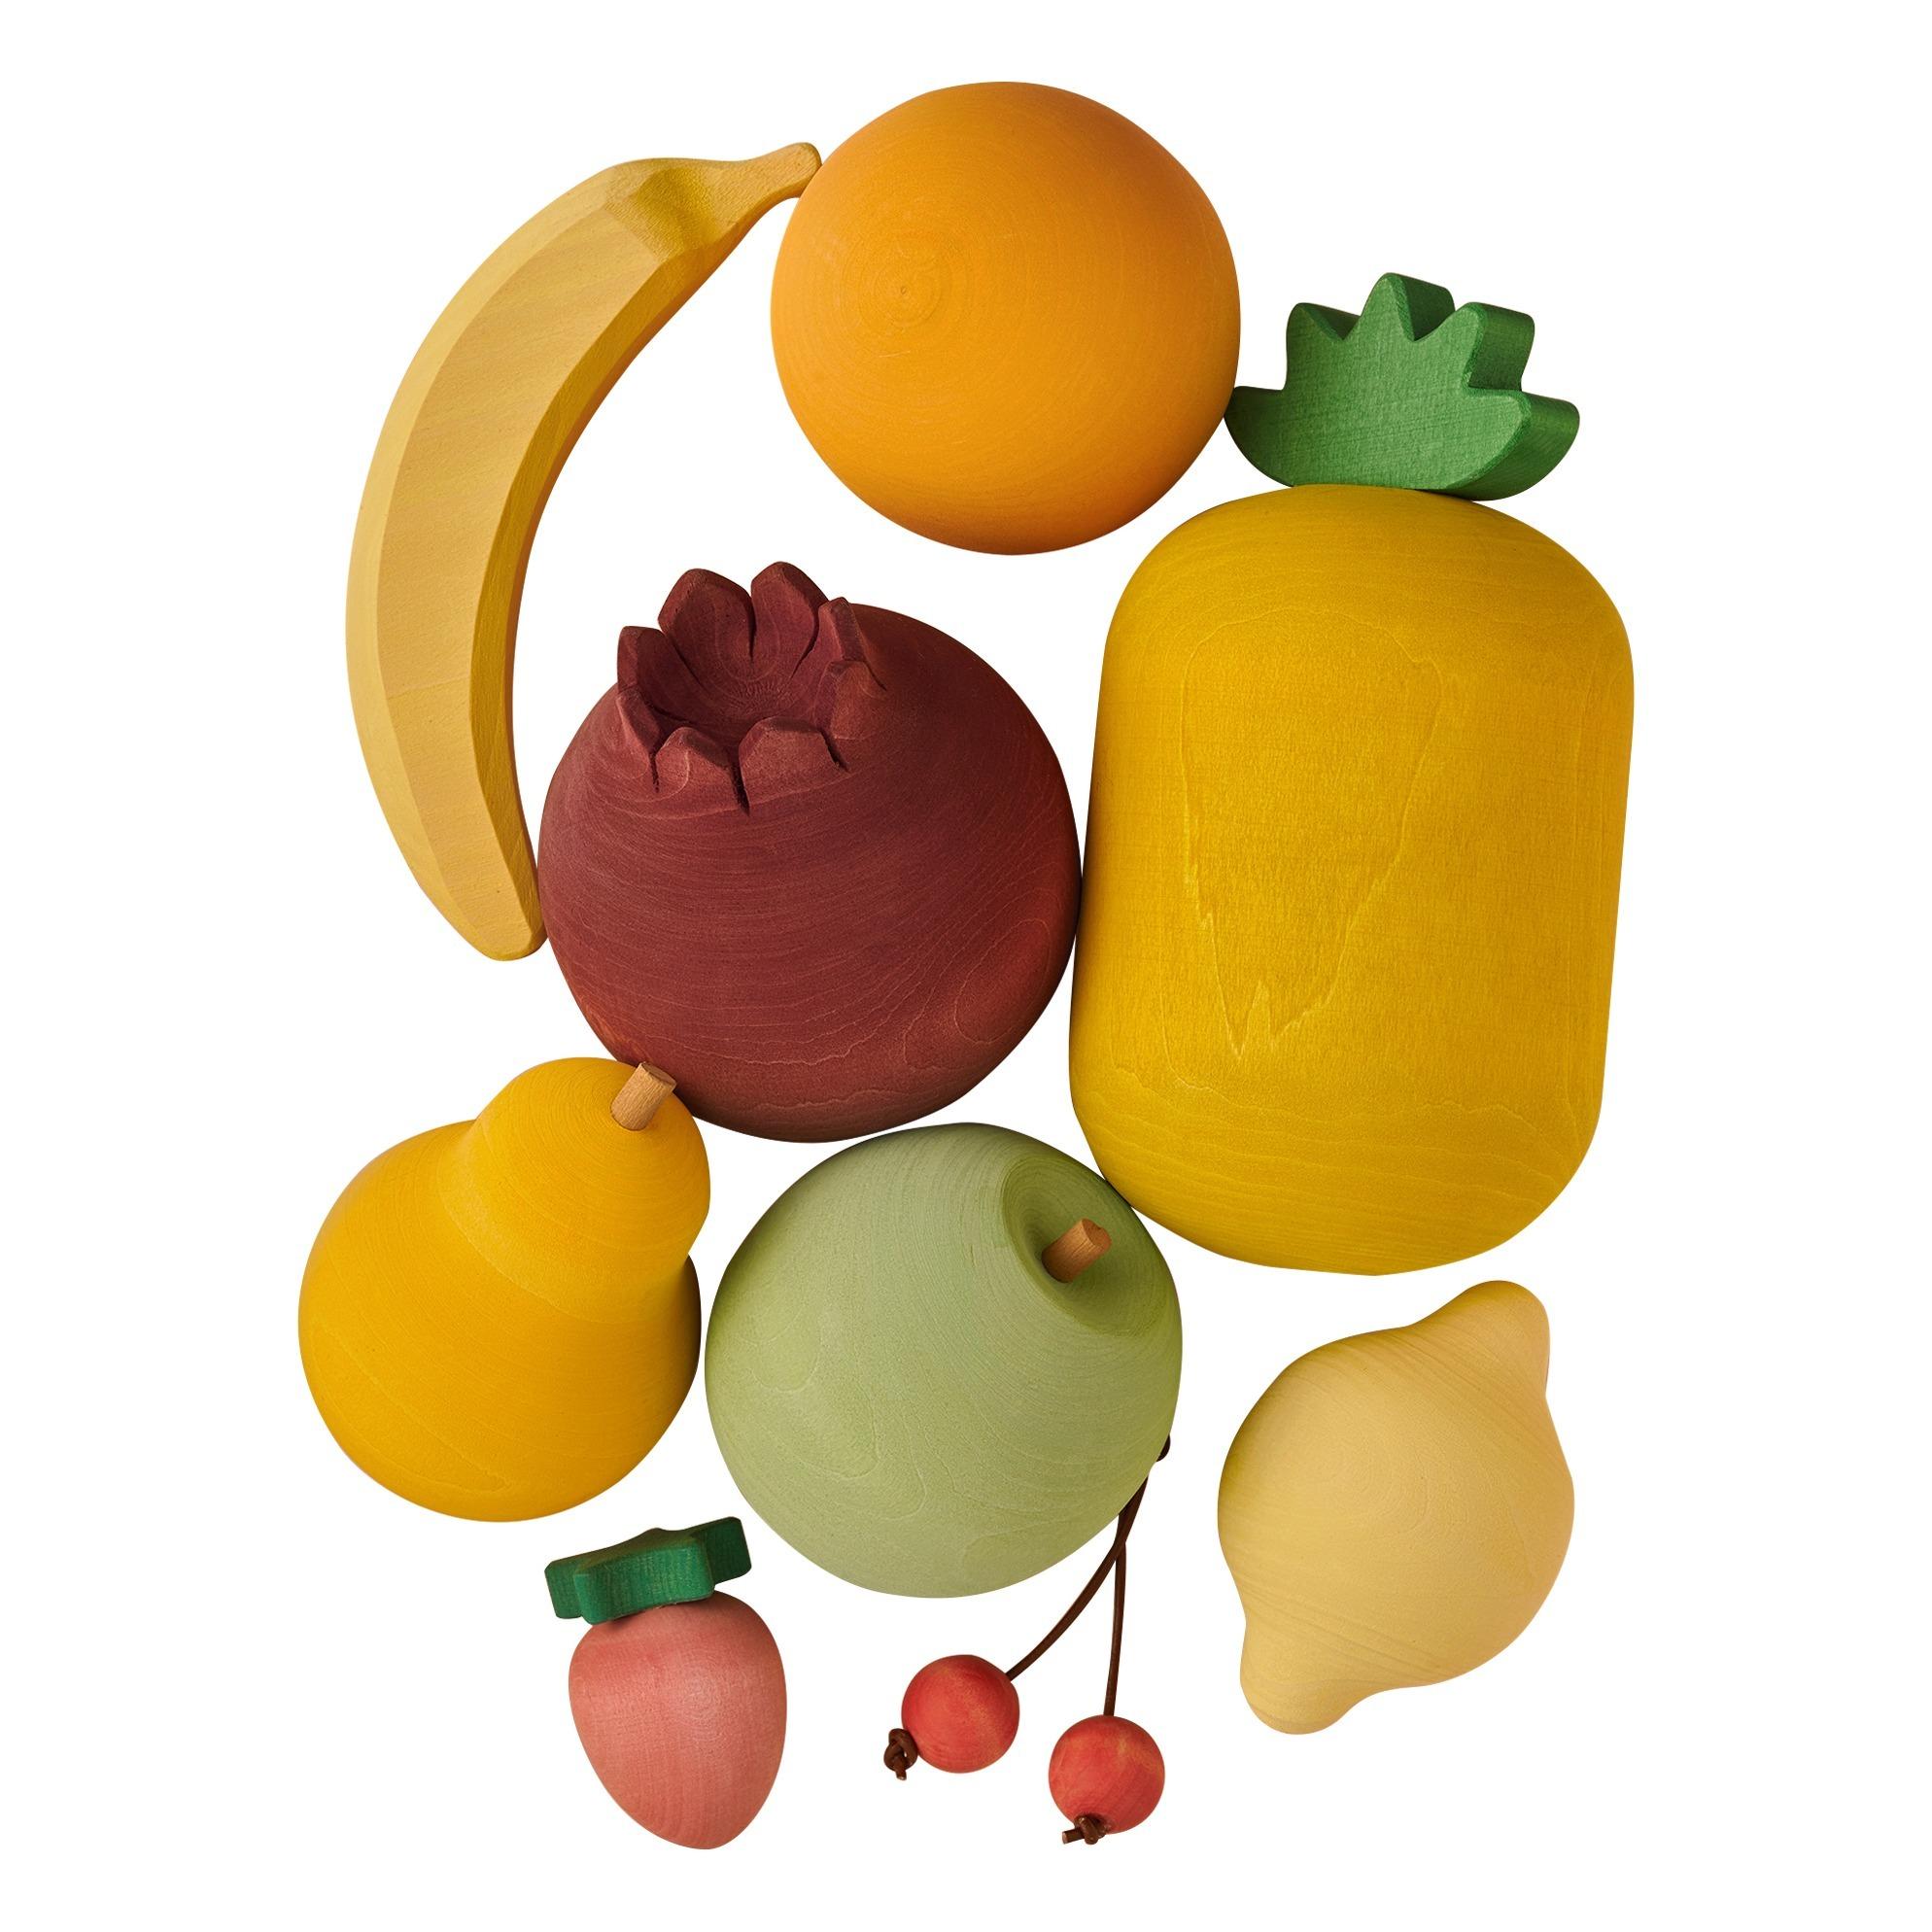 Set de fruits en bois